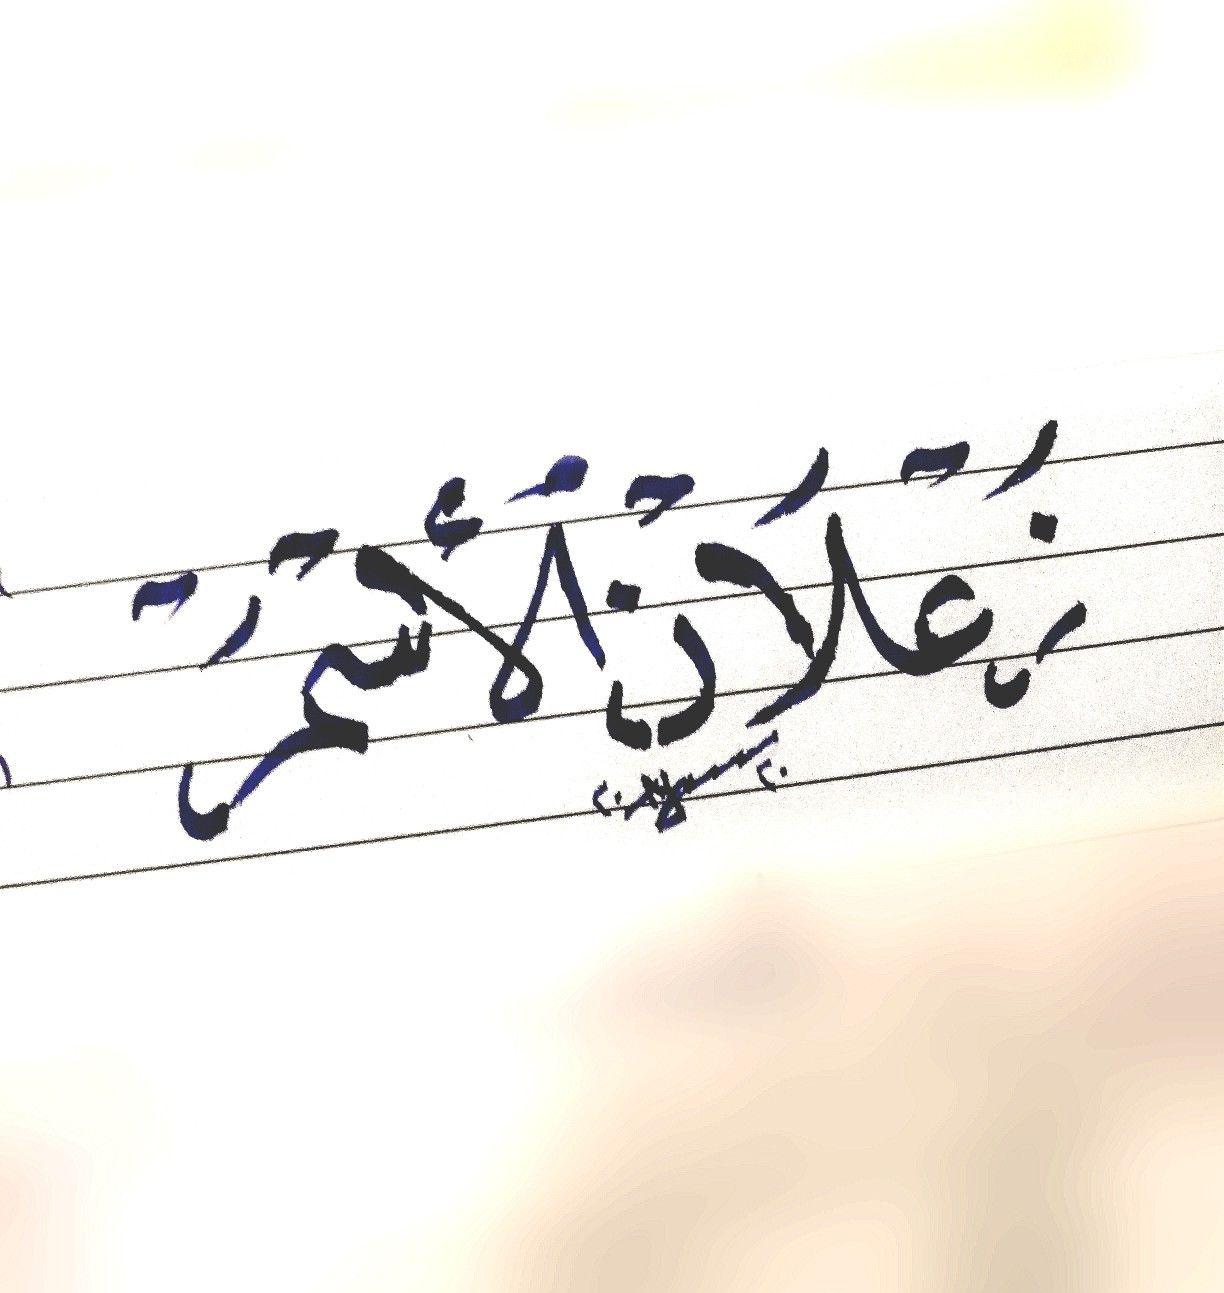 زعلان الاسمر ما يقولي مرحبا صلاح البحر زعلان الاسمر صلاح البحر Arabic Calligraphy Arabic Calligraphy